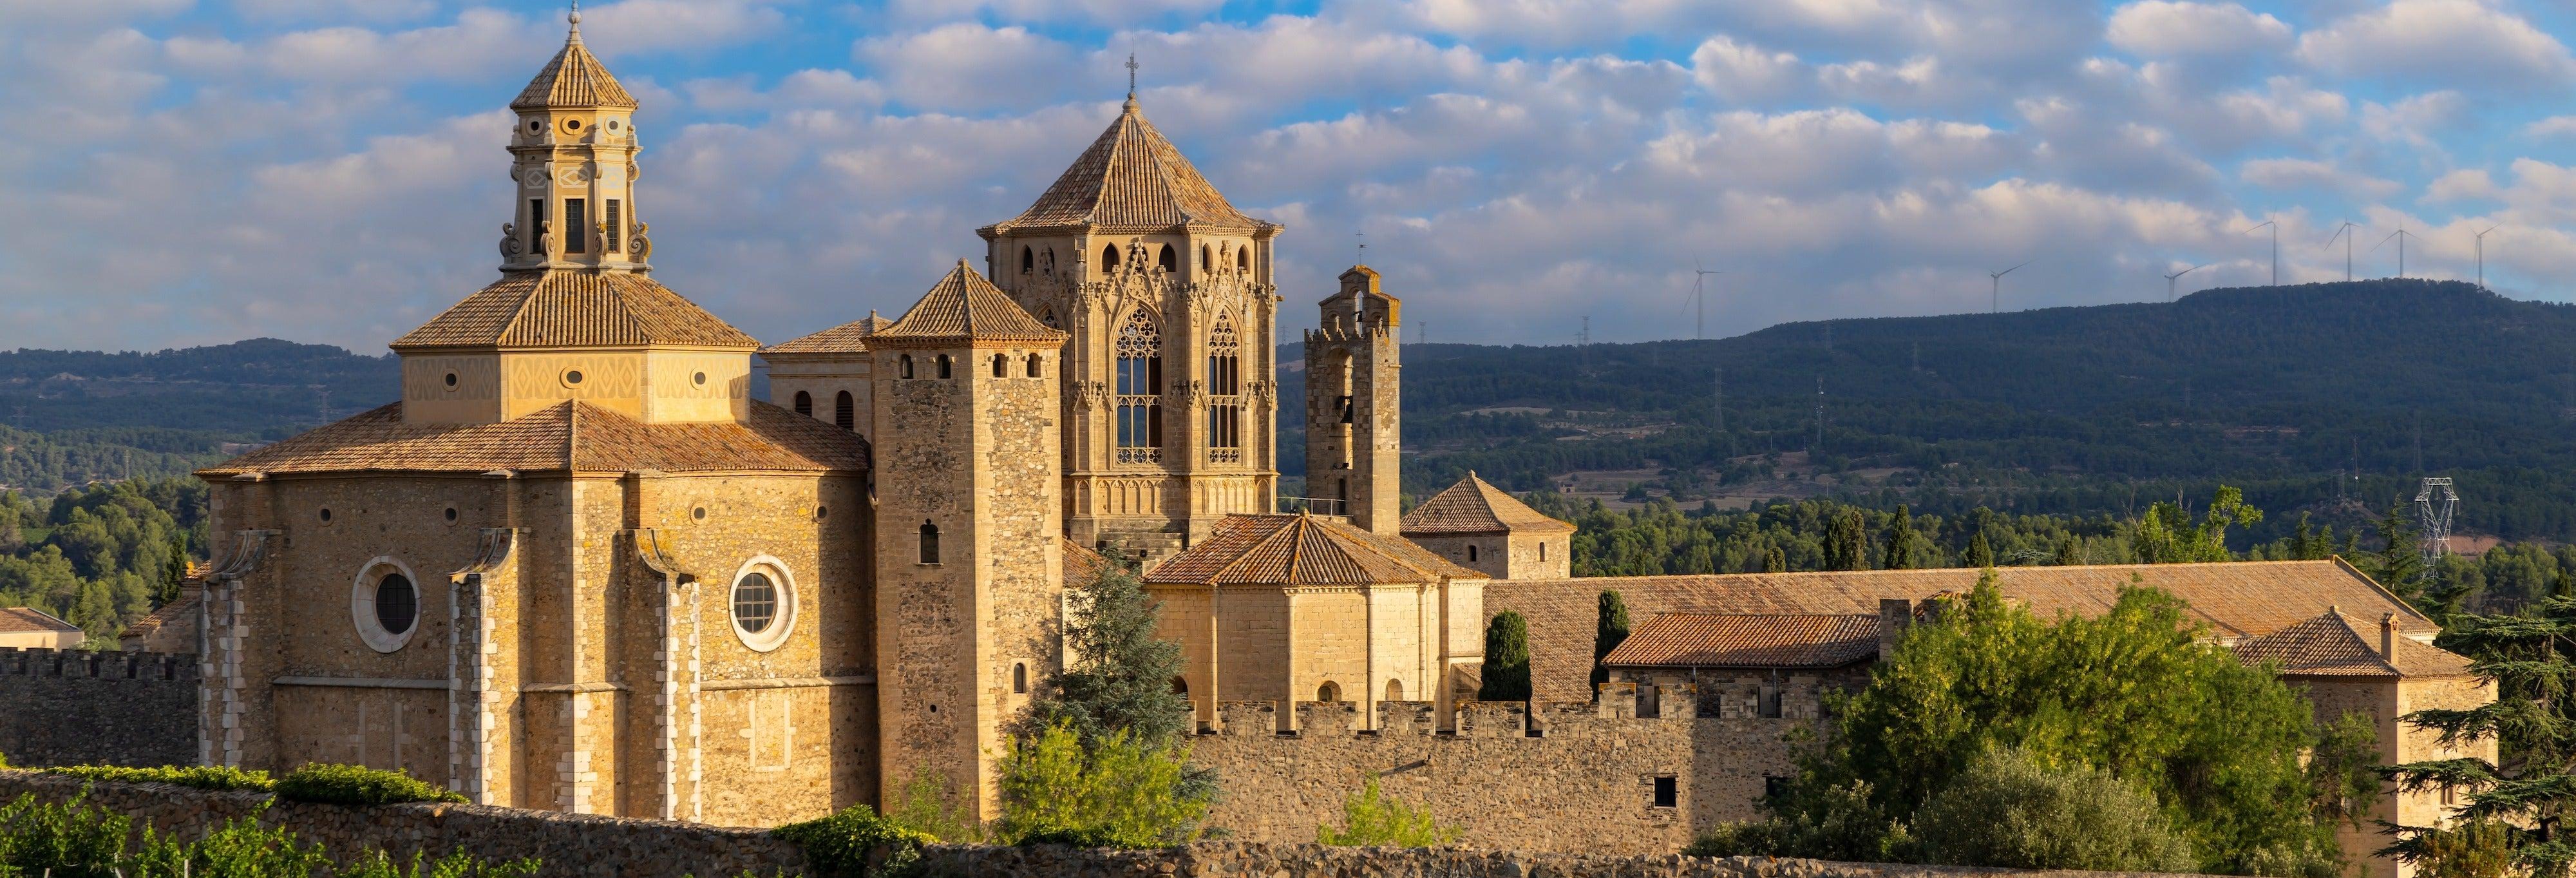 Excursión a Montblanc y Monasterio de Poblet